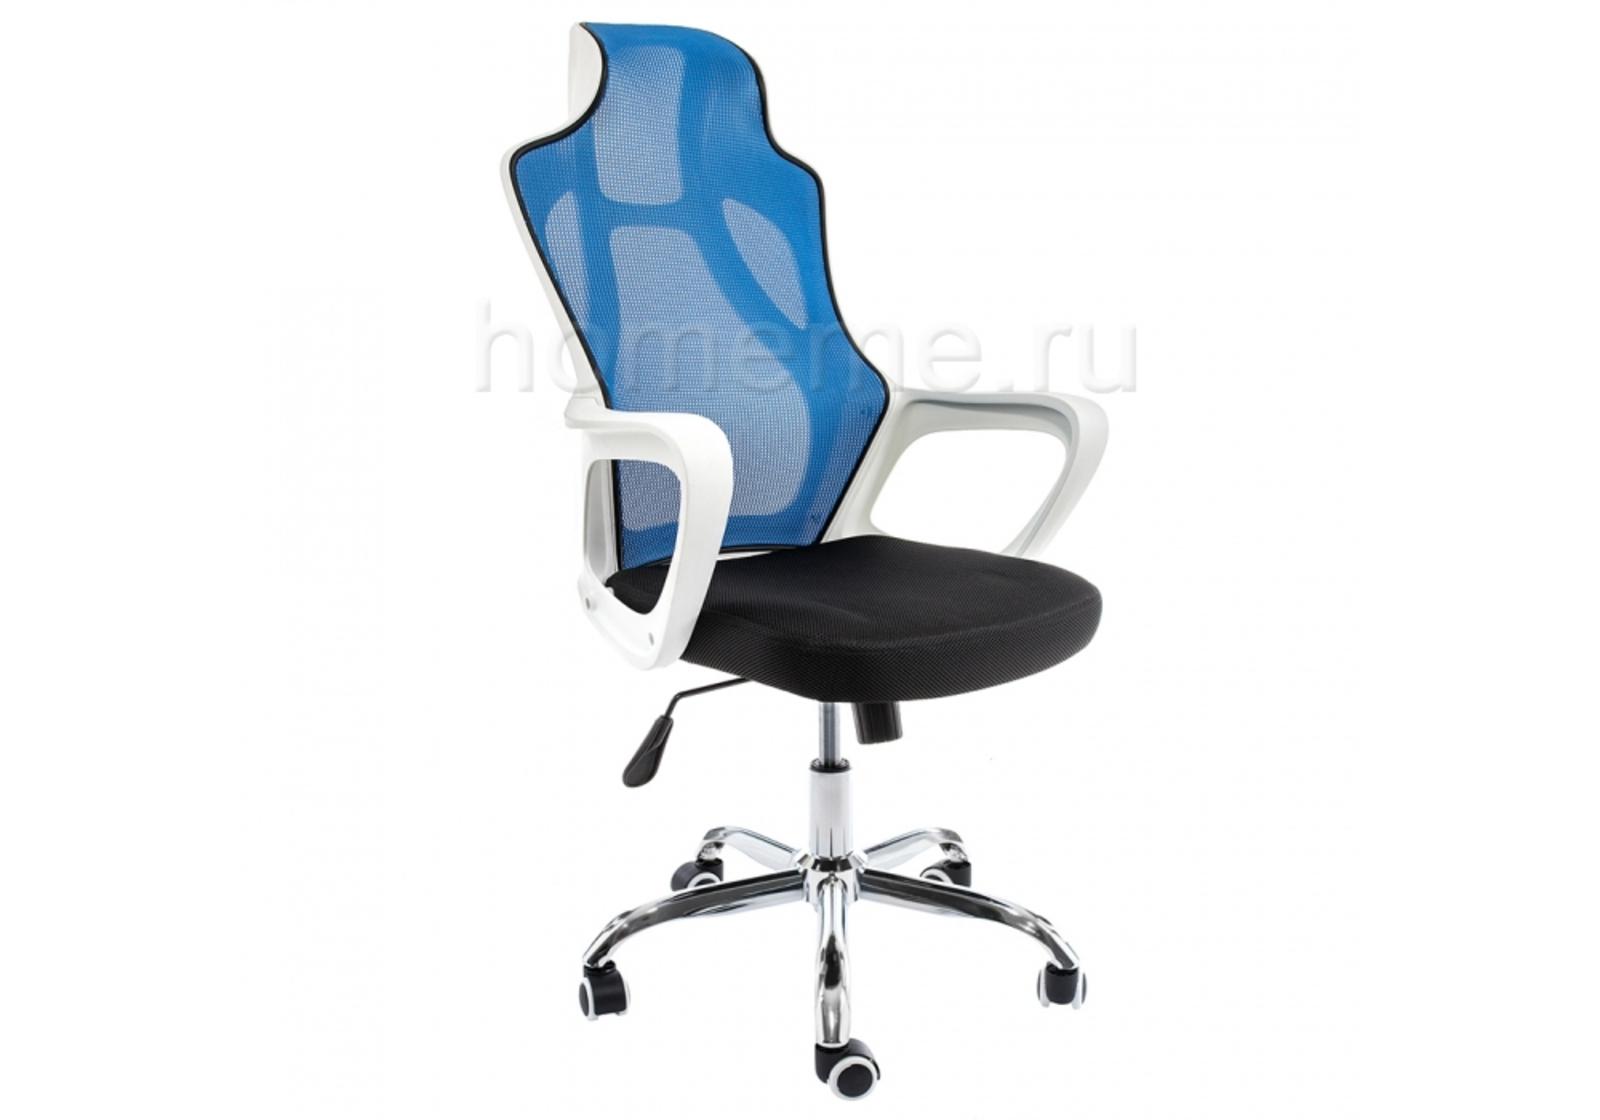 Кресло для офиса HomeMe Local черное / голубое 1978 от Homeme.ru